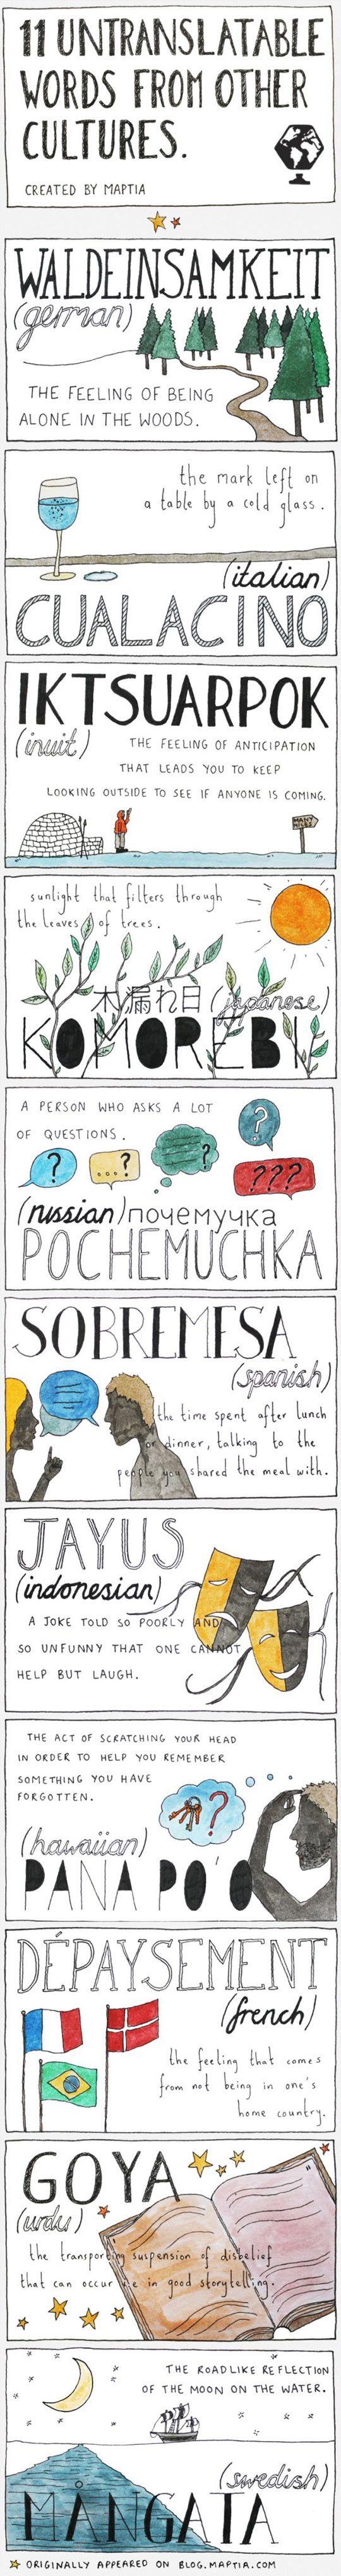 Lingüística: Algunas palabras no se traducen a otros idiomas.  Es importante saber describir y explicar.